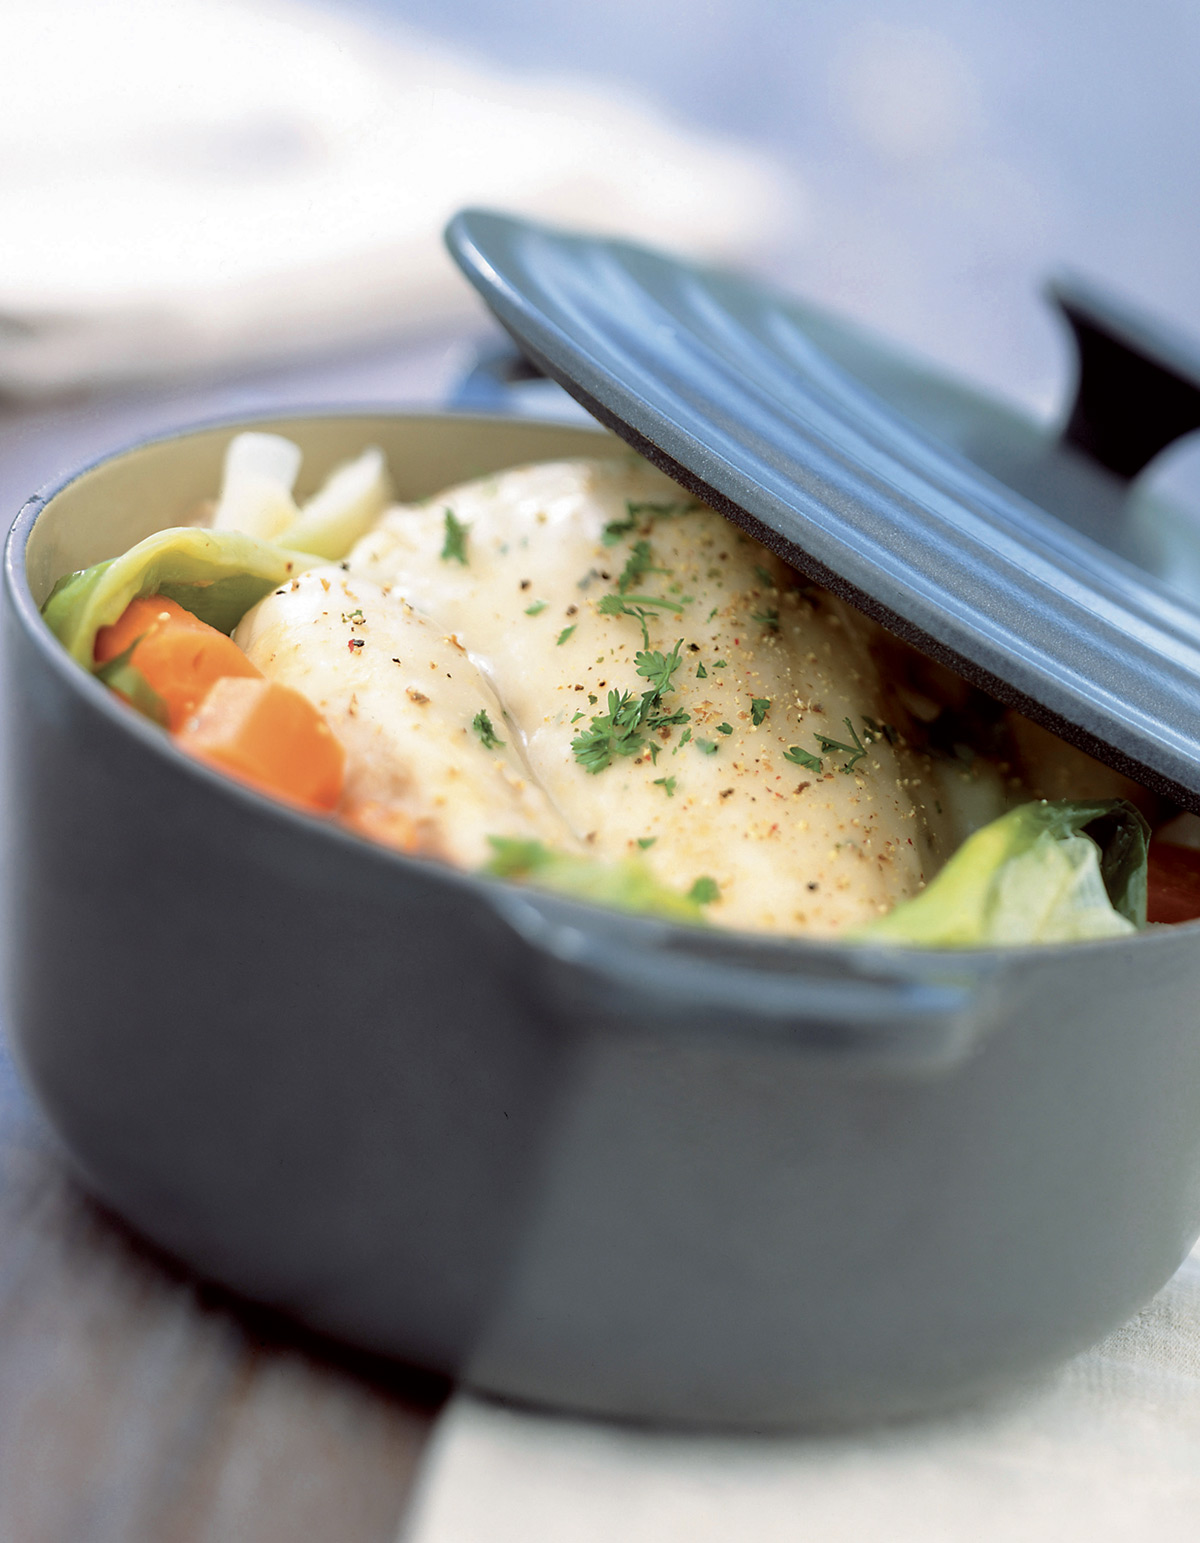 Poule au pot farcie au jambon cru pour 6 personnes - Poule decorative pour cuisine ...